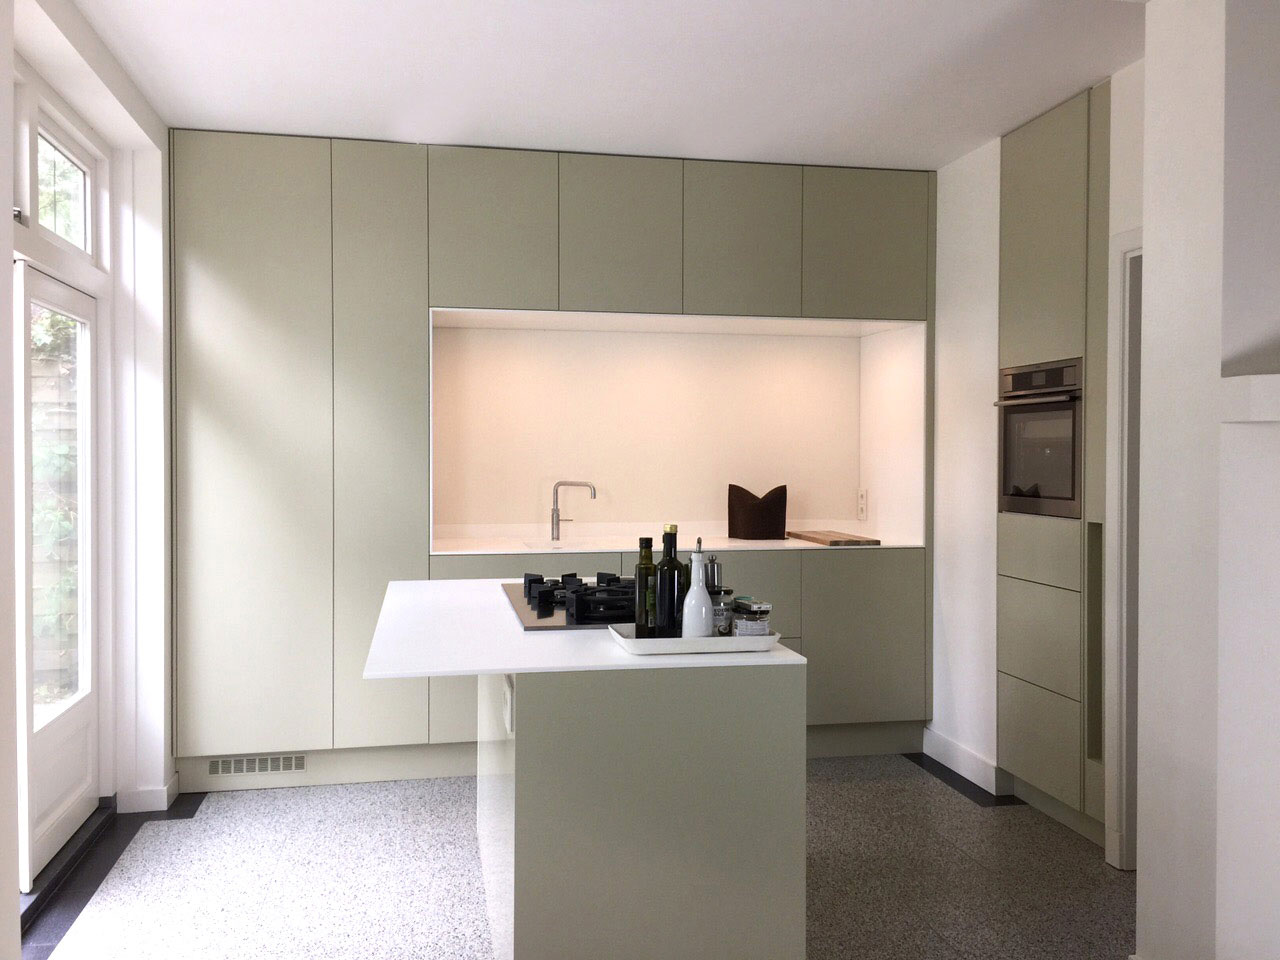 Moderne Keuken Met Schiereiland : Keukens op maat – Mijn Keukens op Maat laten maken